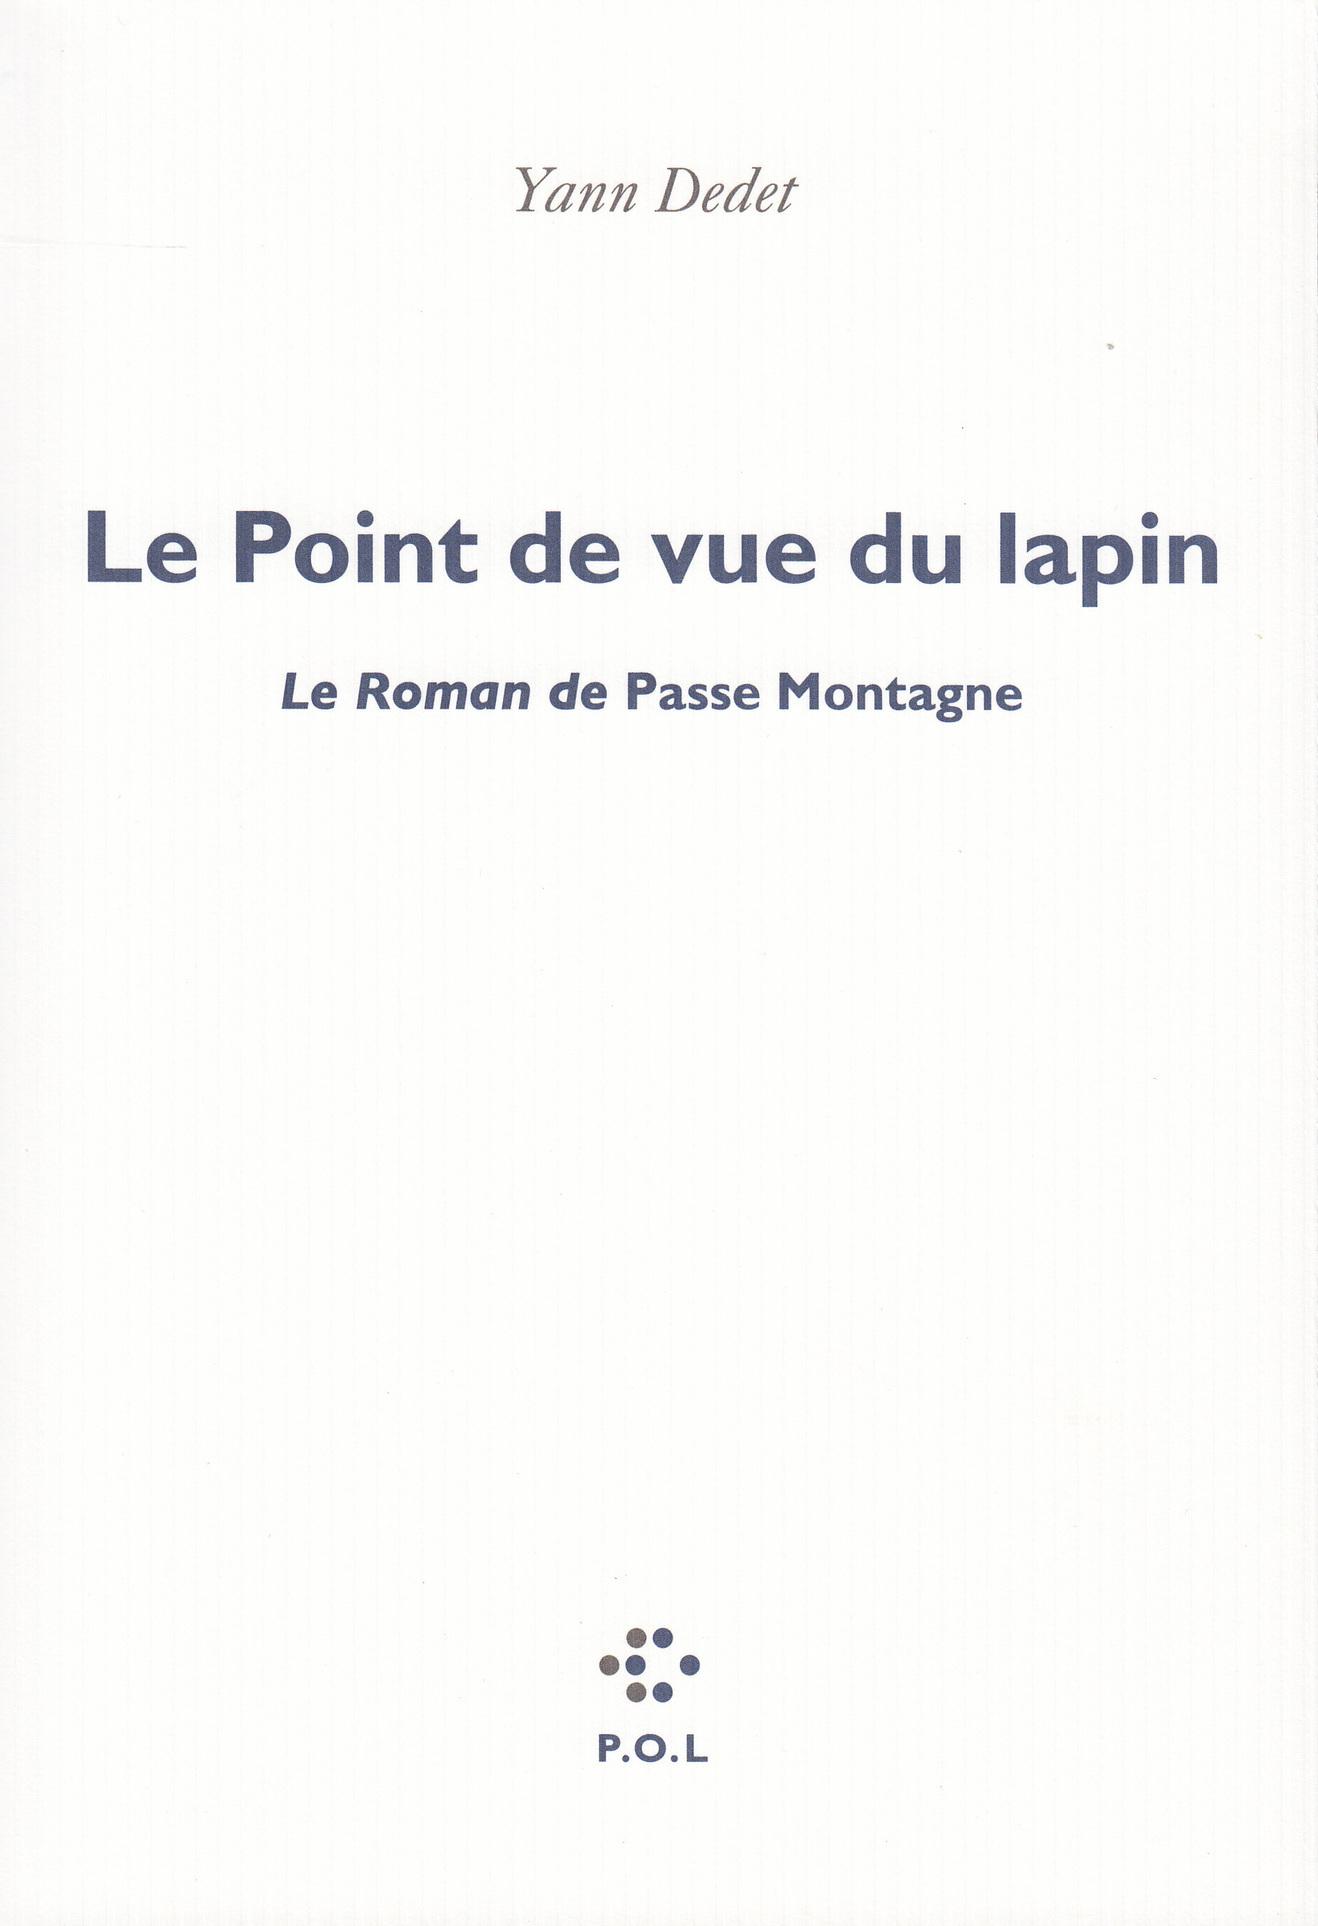 LE POINT DE VUE DU LAPIN - OEU>PASSE MONTAGNE LE ROMAN DE